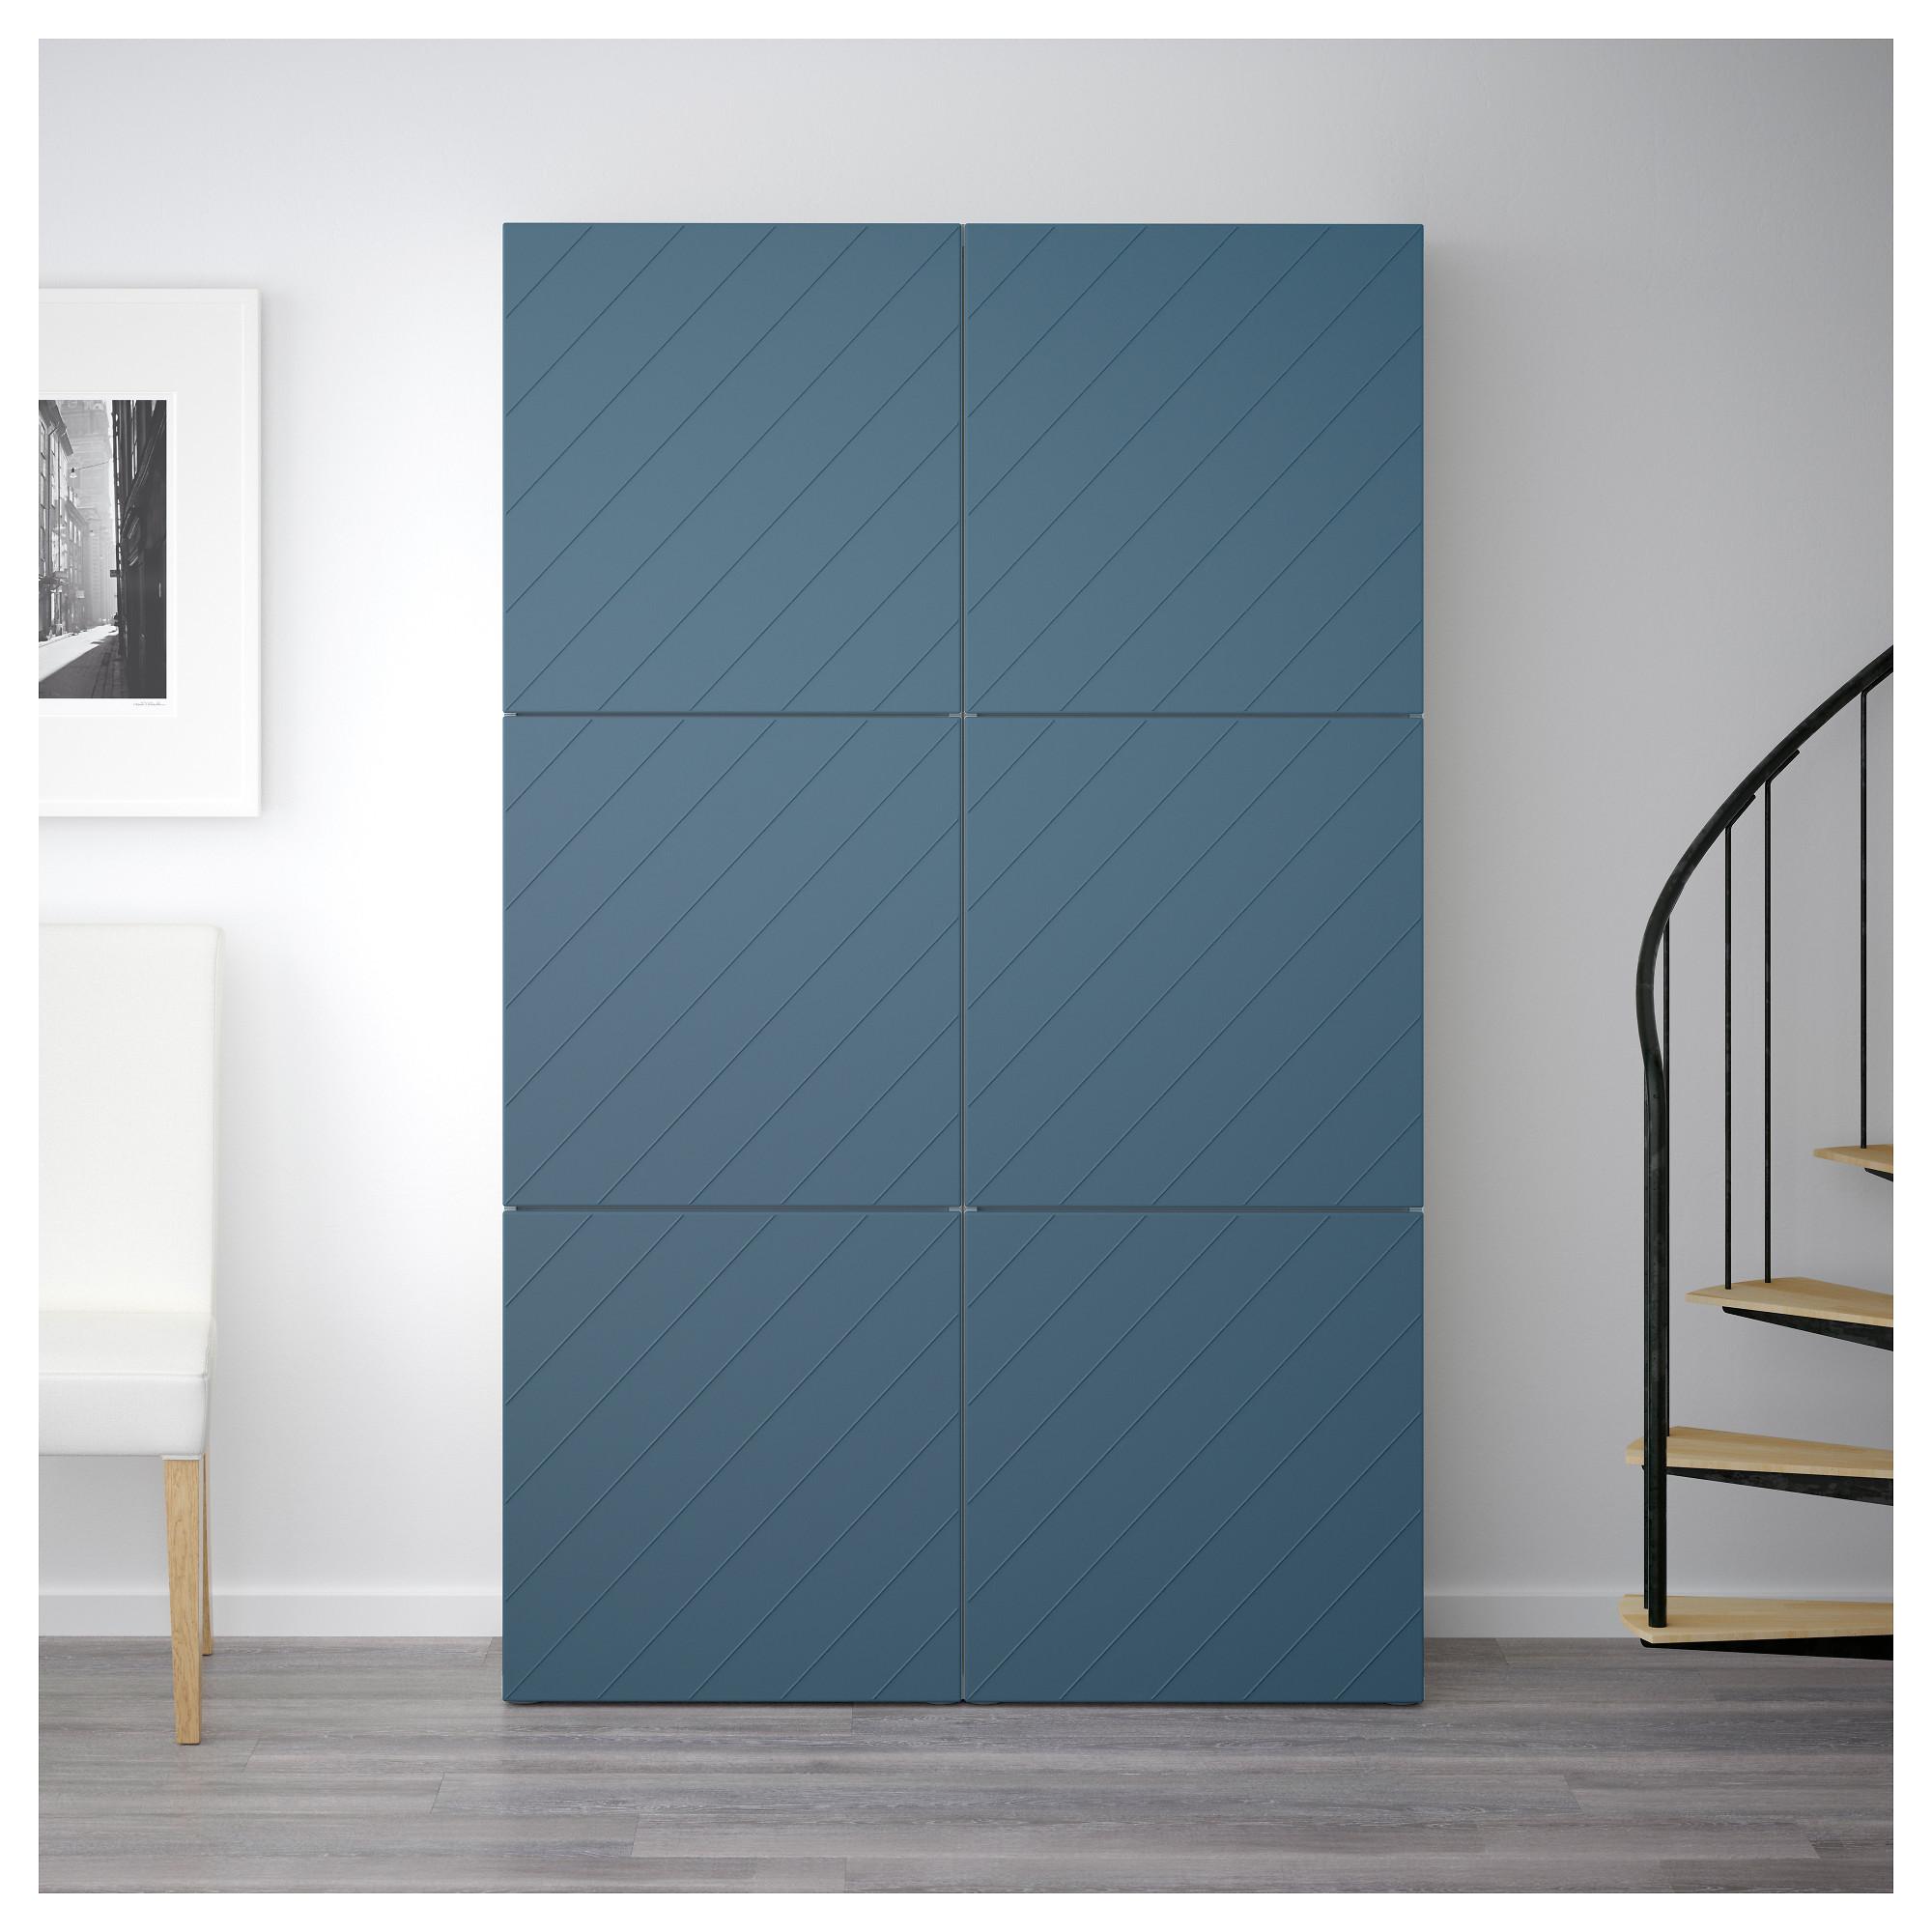 Комбинация для хранения с дверцами БЕСТО темно-синий артикуль № 592.763.65 в наличии. Онлайн магазин ИКЕА РБ. Недорогая доставка и монтаж.